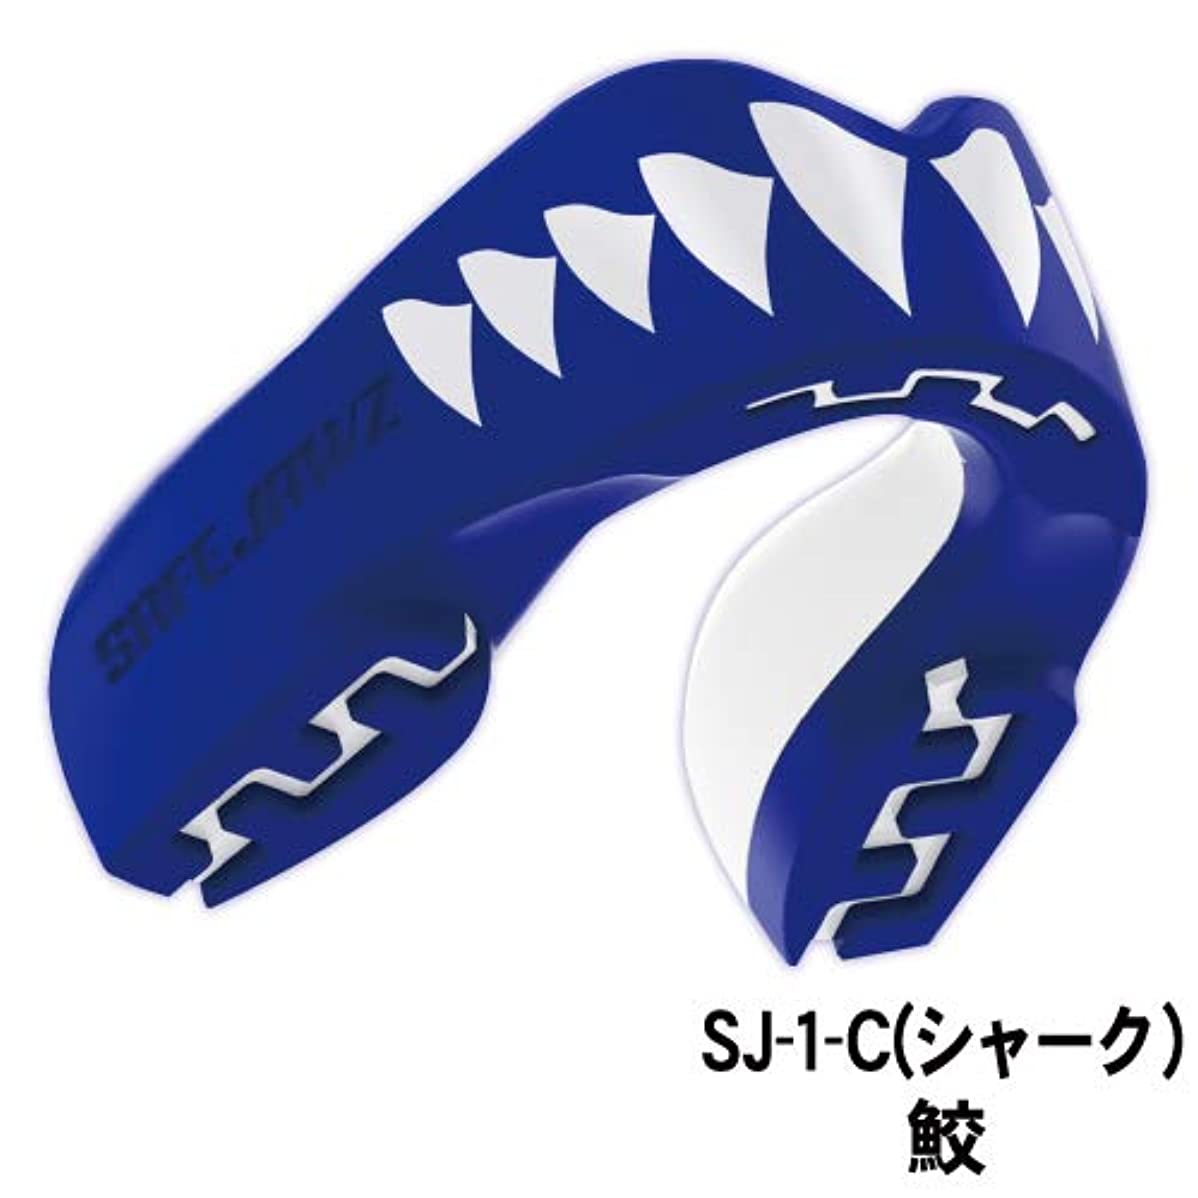 ヒョウスクワイア窓を洗うISAMI(イサミ) エクストロマウスピース(ケース付き) SJ-1-C シャーク 鮫 少年用 ヒゴワンタオル付き